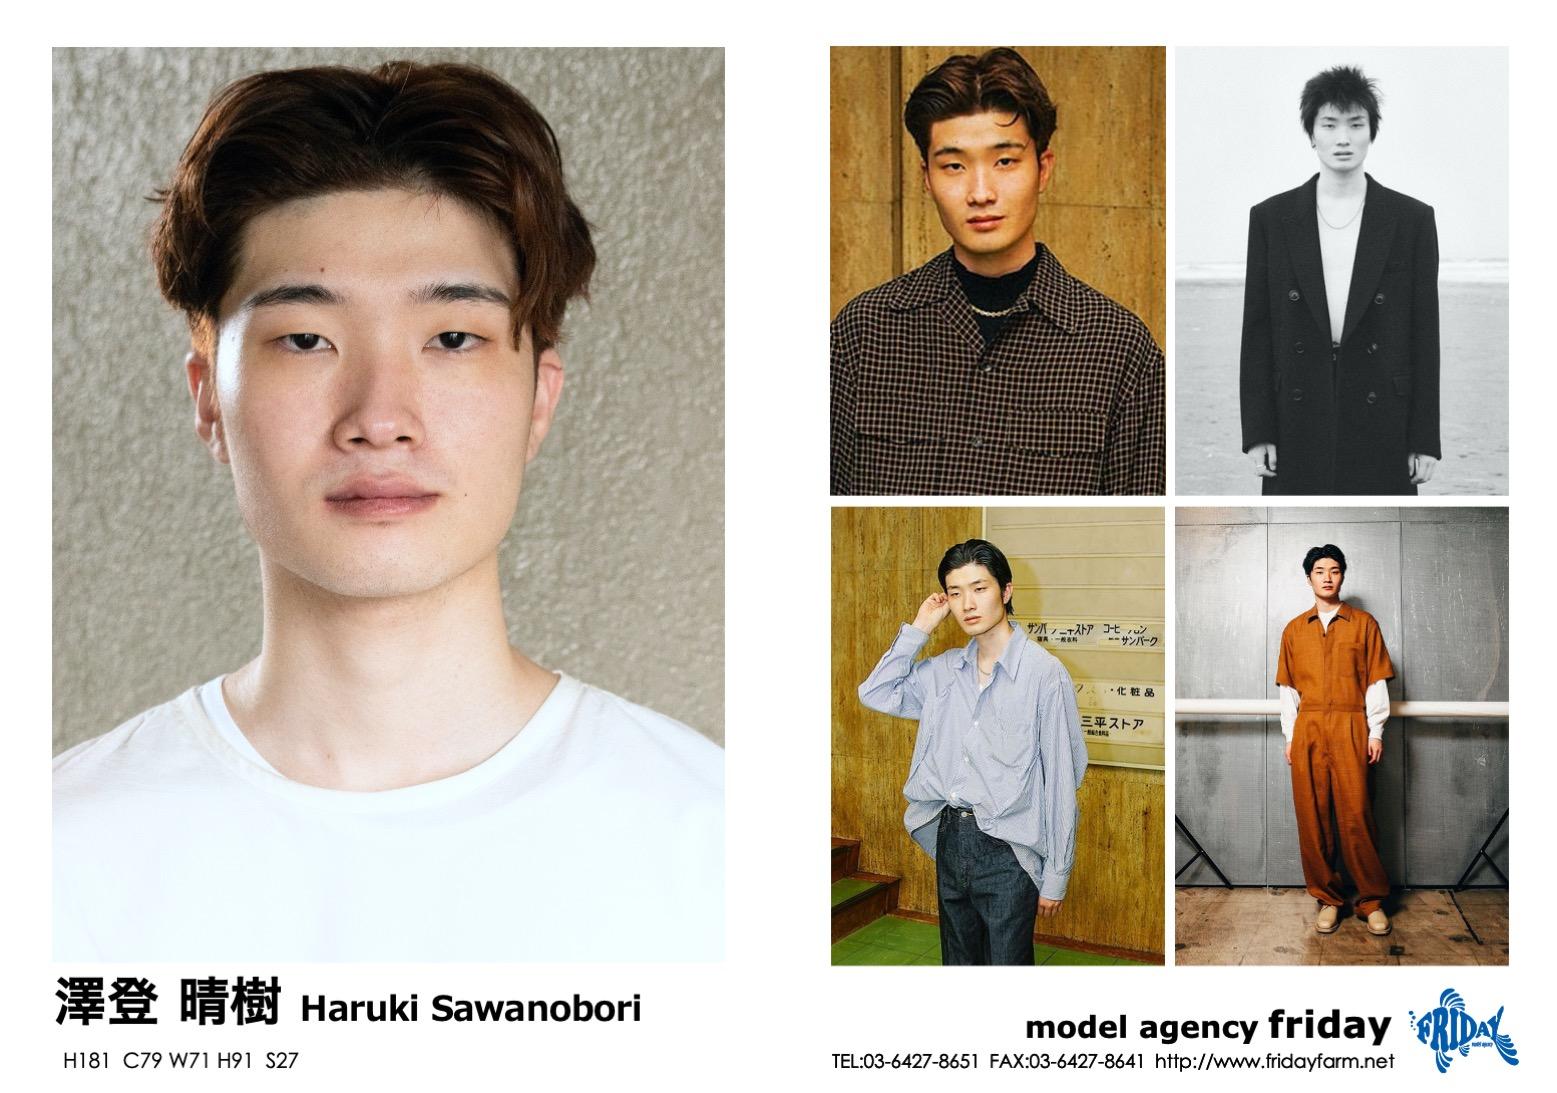 澤登 晴樹 - Haruki Sawanobori   model agency friday